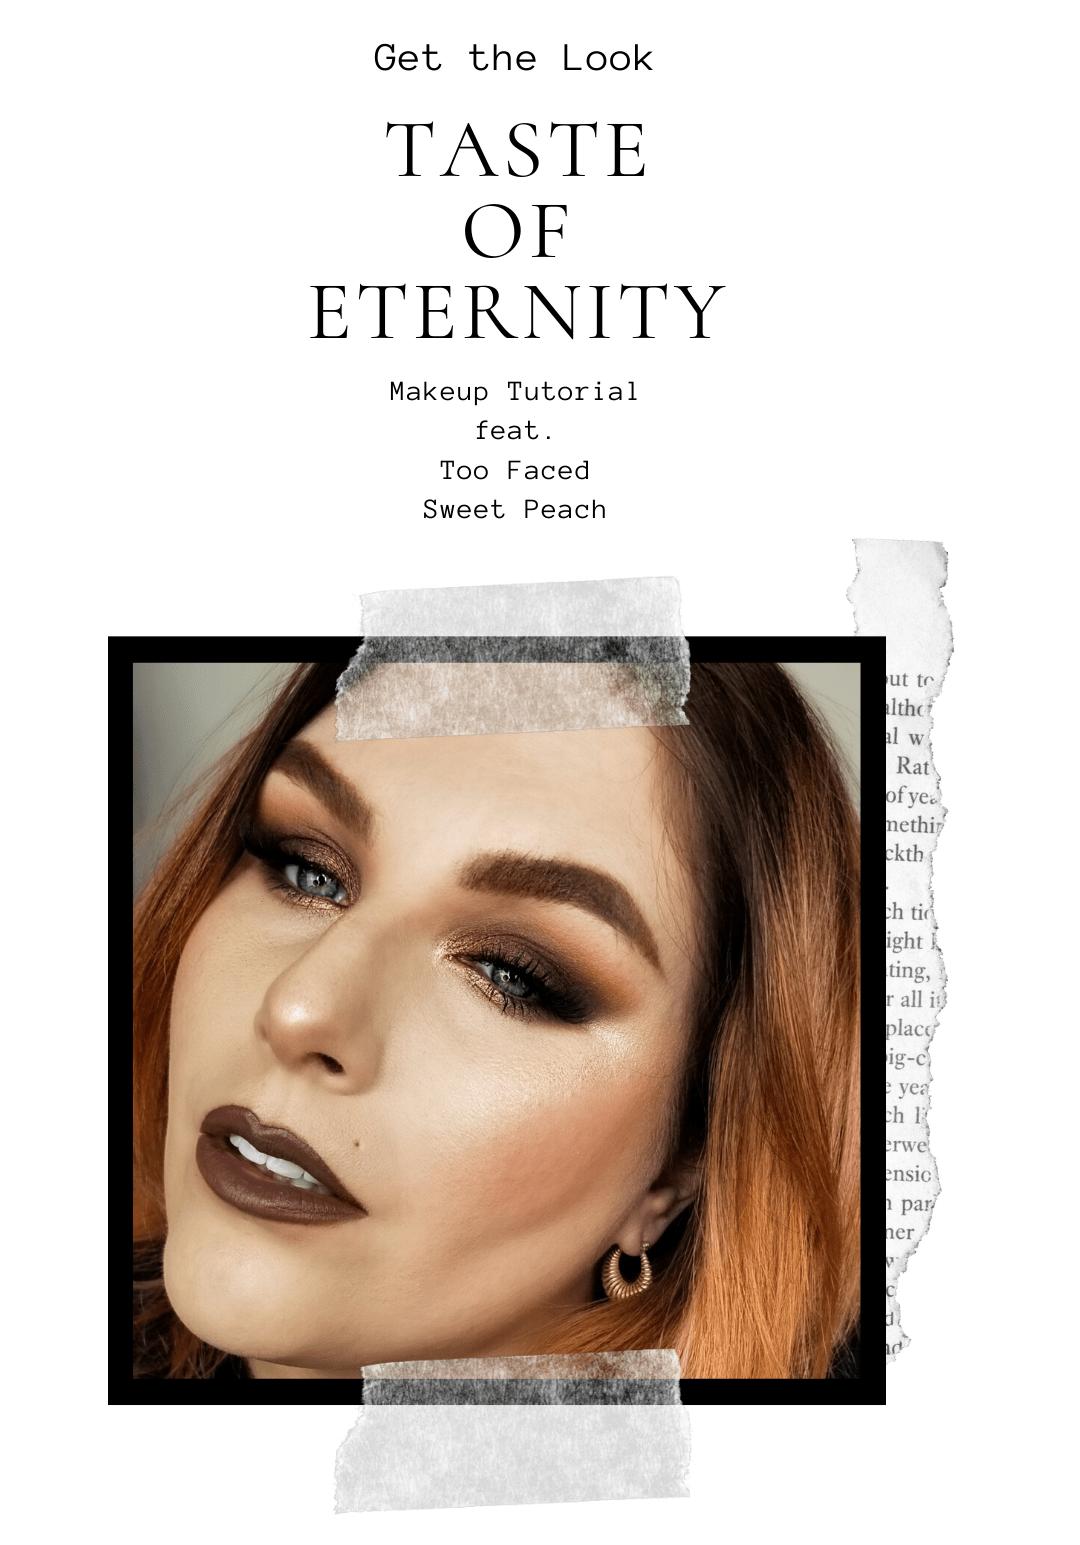 Get the Look | Taste of Eternity - Makeup Tutorial Feat Too Faced Sweet Peach